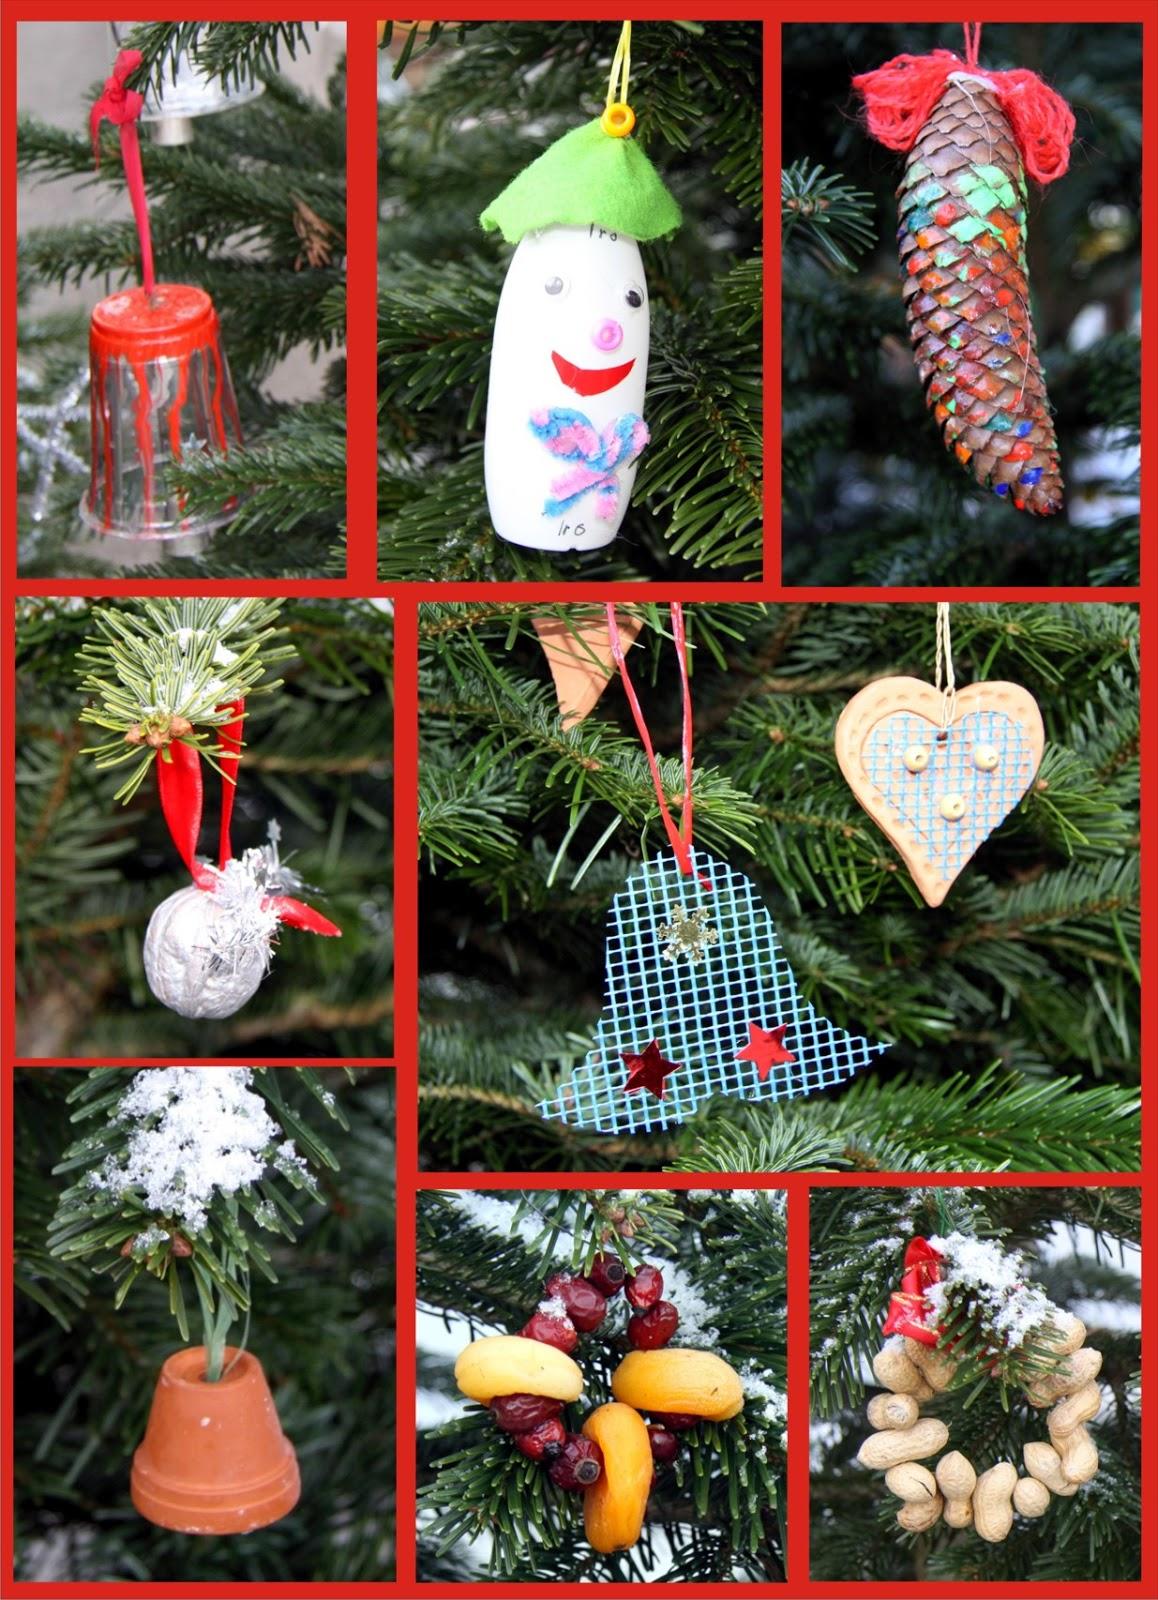 Hit aktuell zwickau kinder geben weihnachtsb umen for Weihnachtsdeko fa r fenster basteln